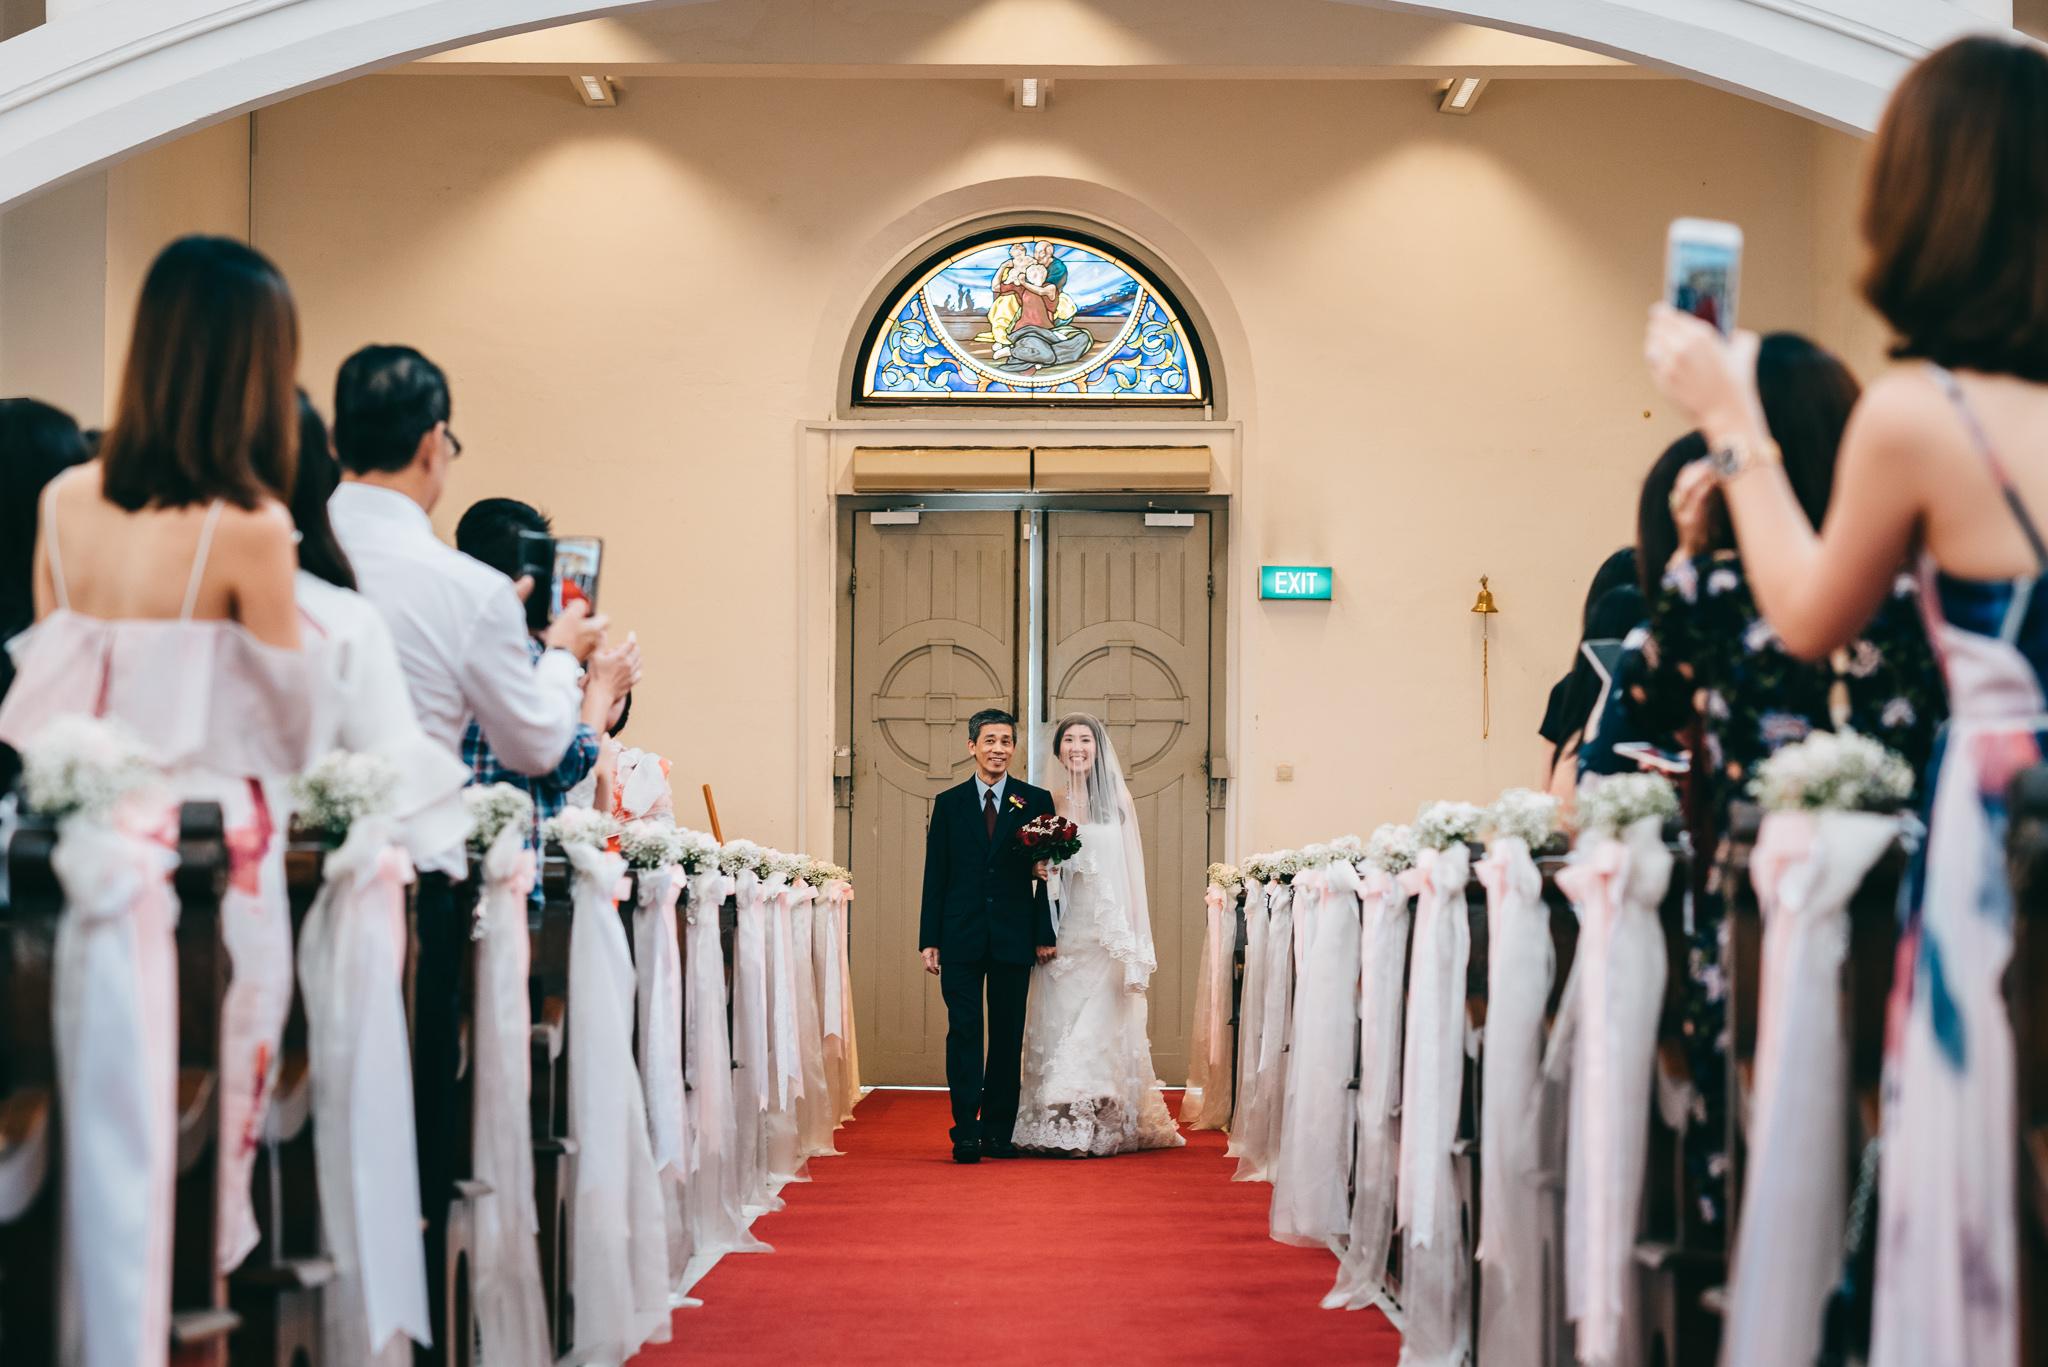 Lionel & Karen Wedding Day Highlights (resized for sharing) - 049.jpg